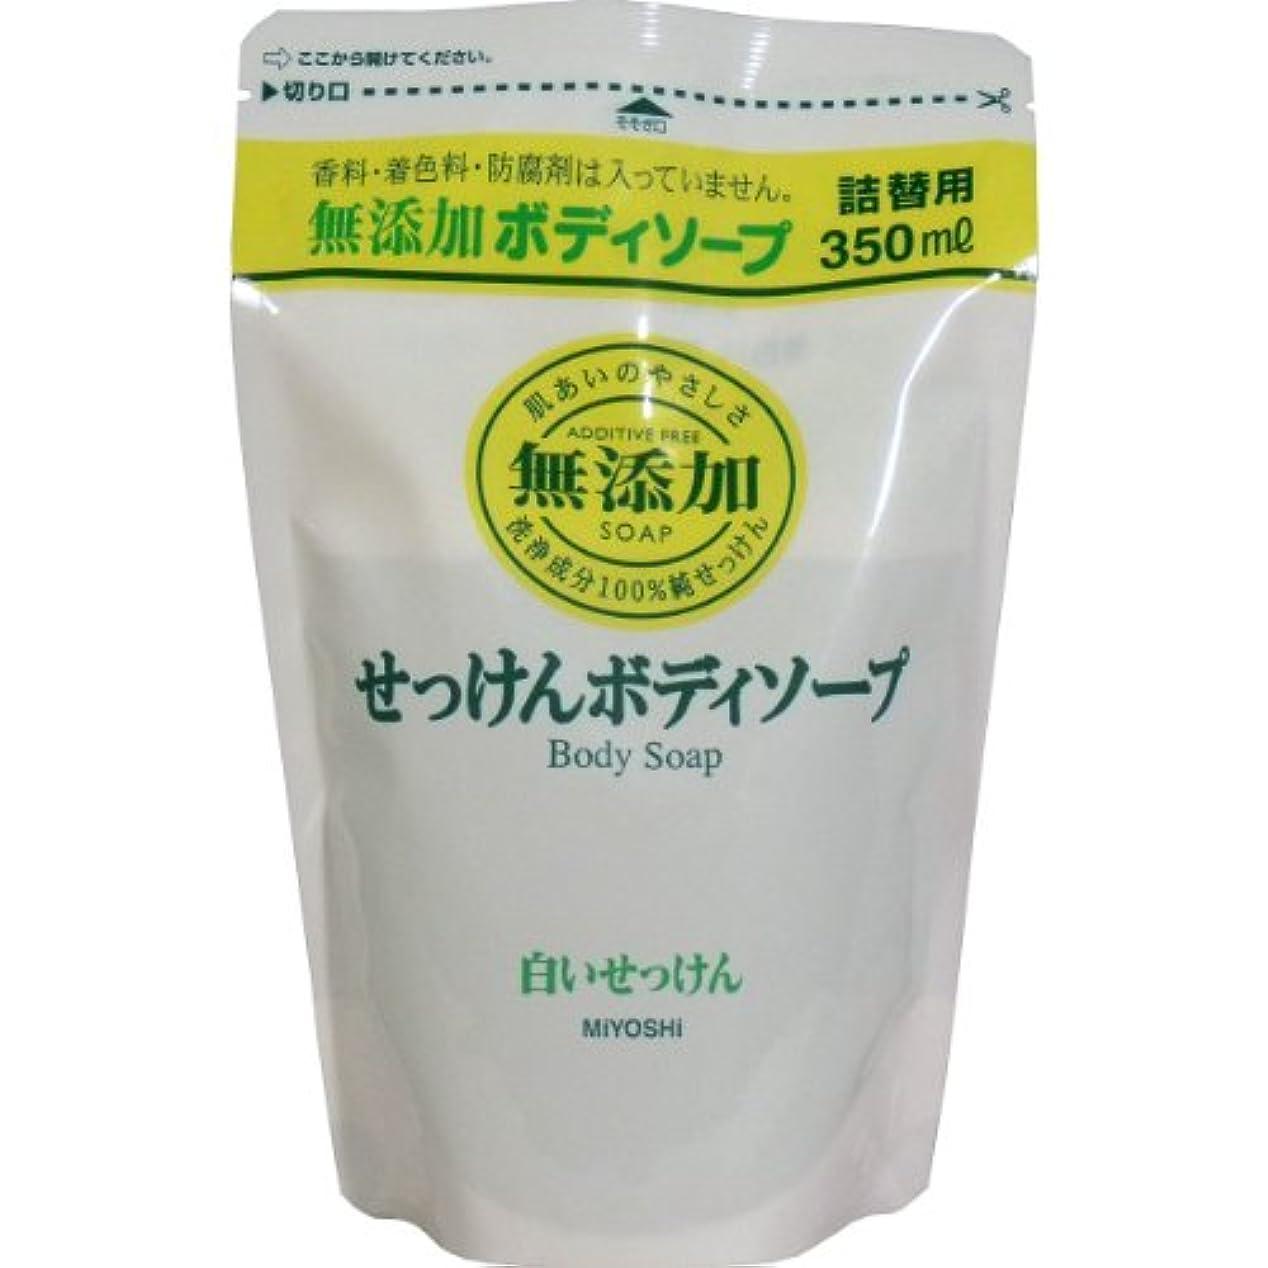 忌避剤ペルセウス適応するミヨシ石鹸 無添加 ボディソープ 白い石けん つめかえ用 350ml×20個セット(無添加石鹸)